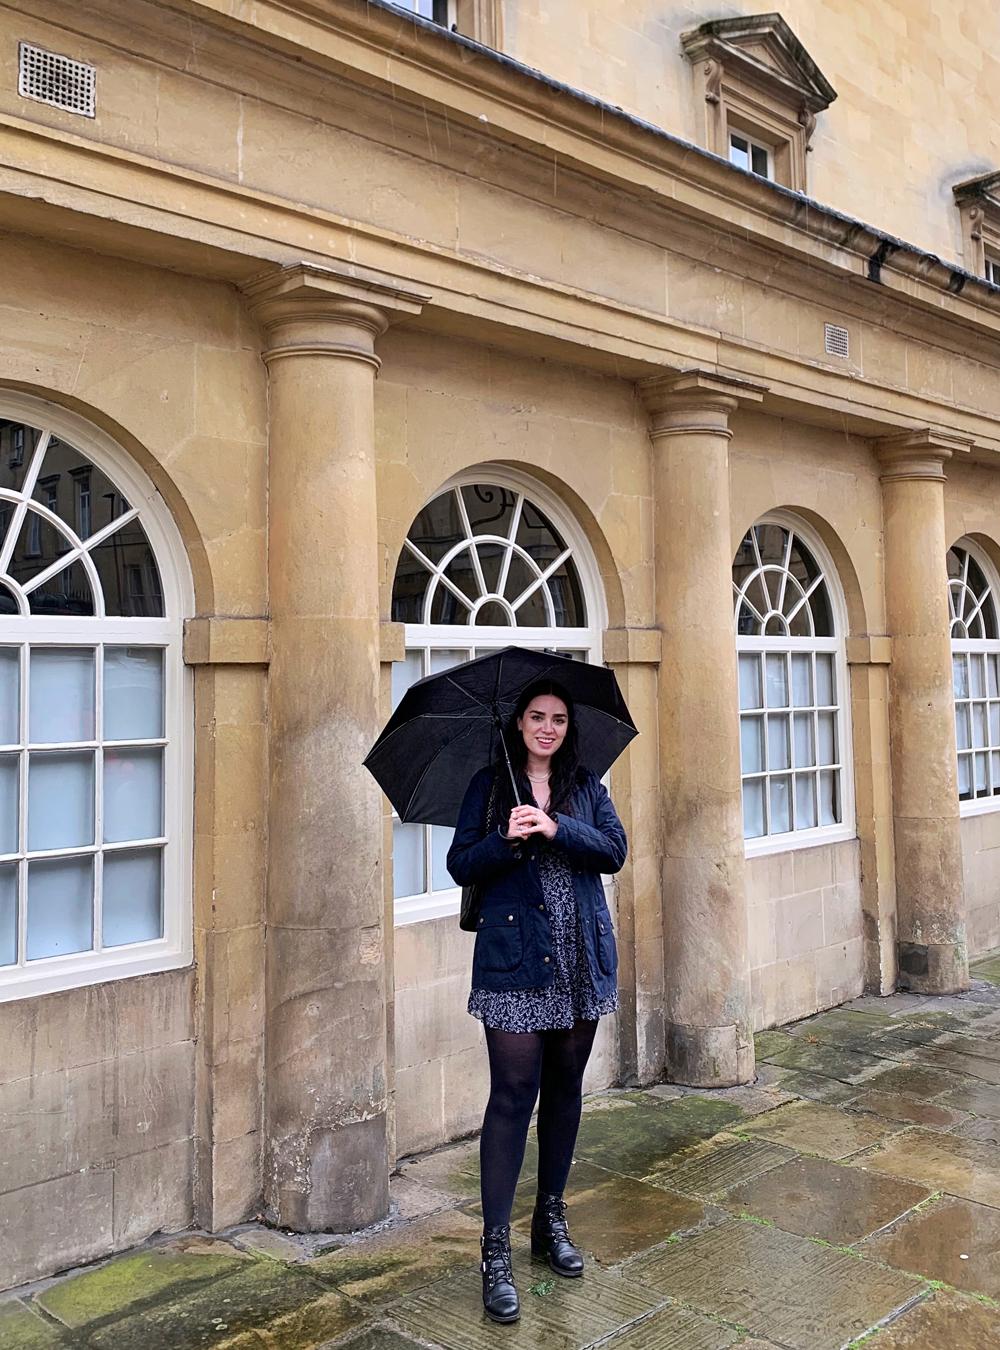 Rainy weekend in Bath - Emma Louise Layla Berry, UK travel & lifestyle blog